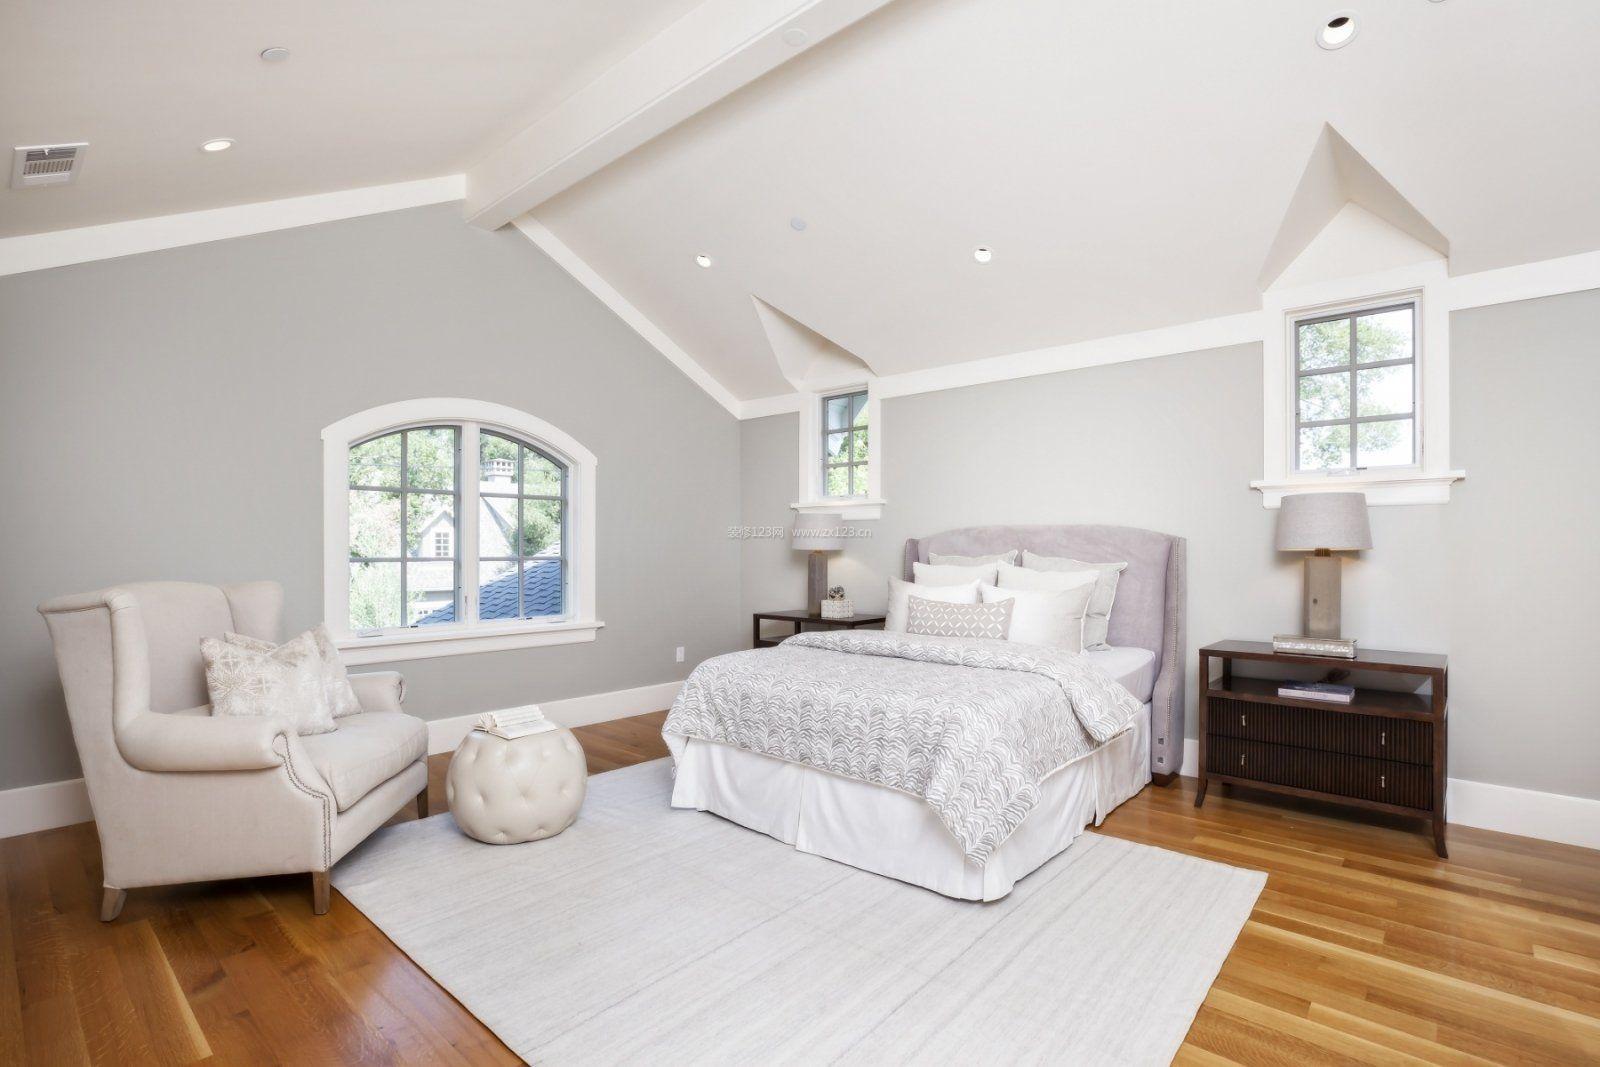 背景墙 房间 家居 起居室 设计 卧室 卧室装修 现代 装修 1600_1067图片